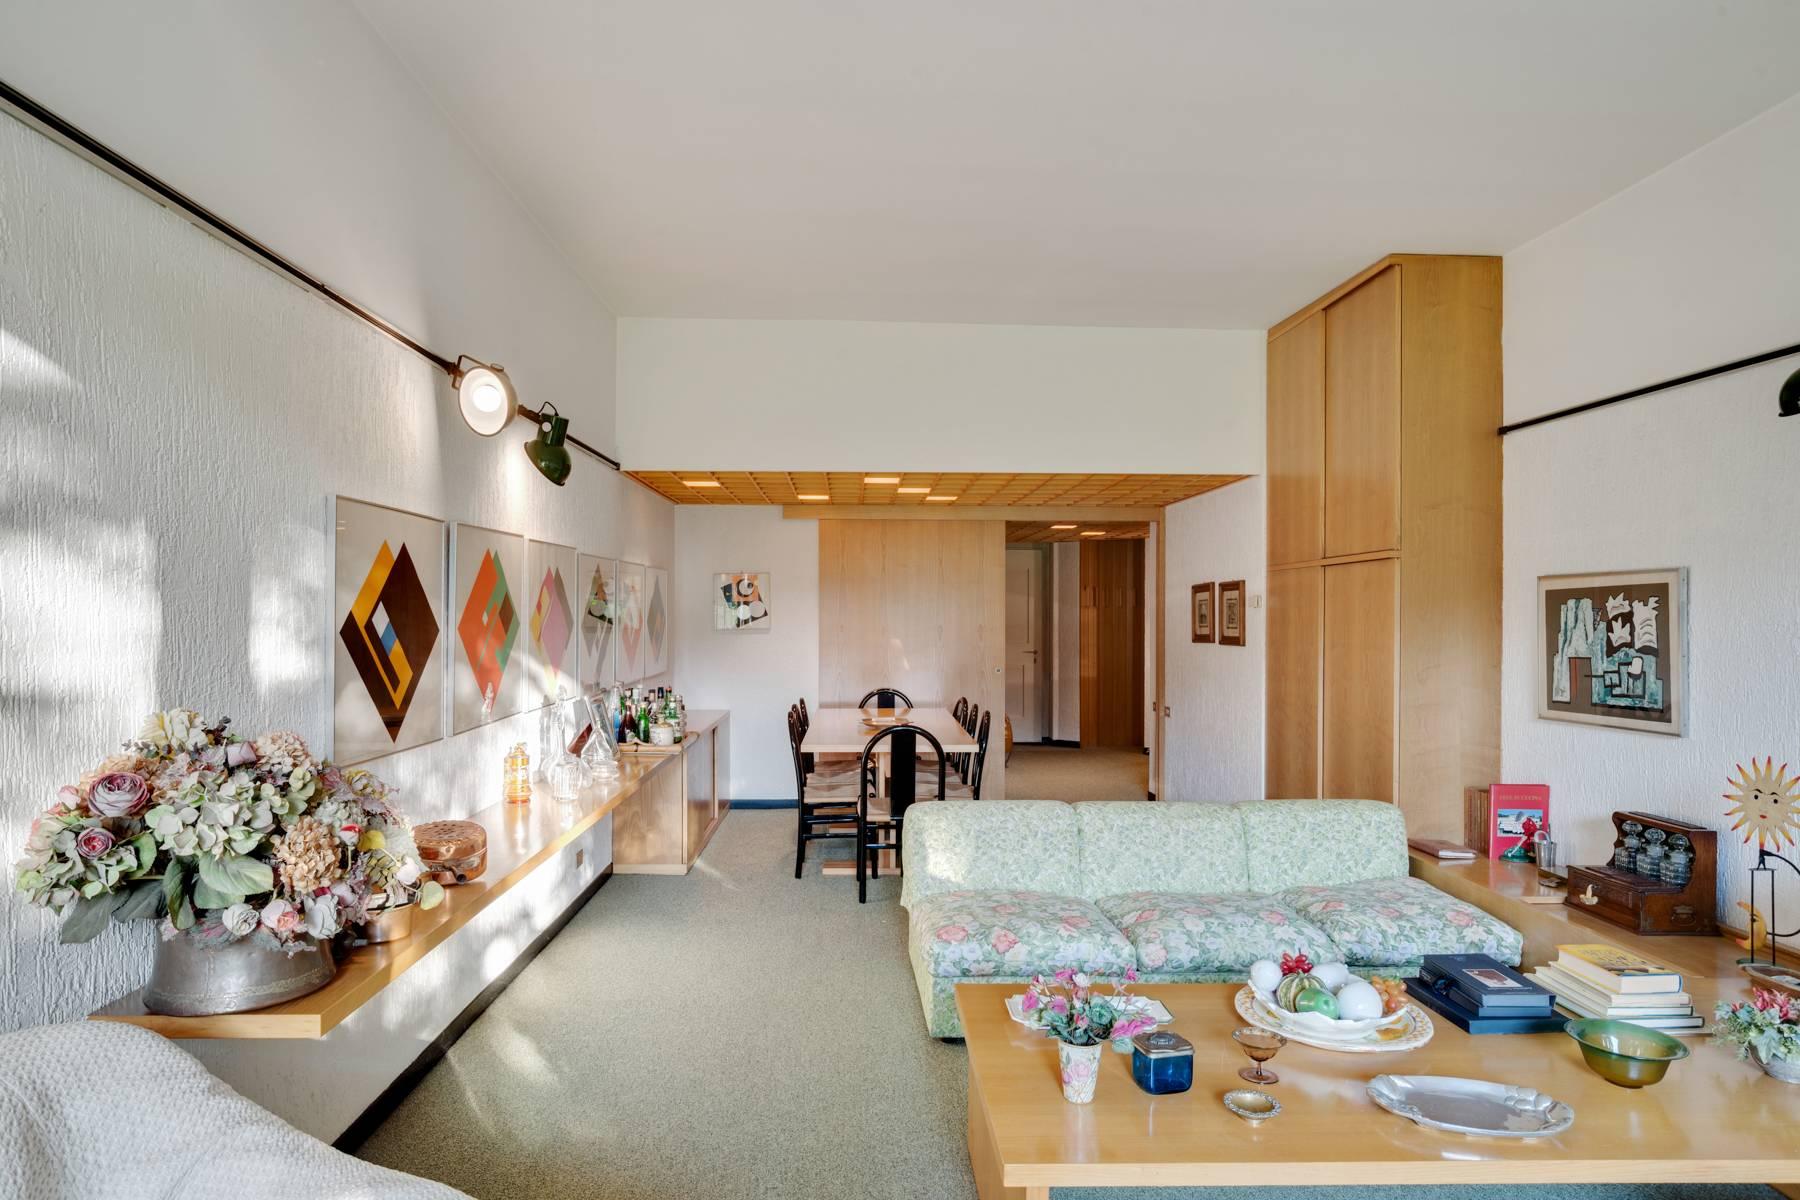 Appartamento in Vendita a Cassina Rizzardi: 3 locali, 134 mq - Foto 6